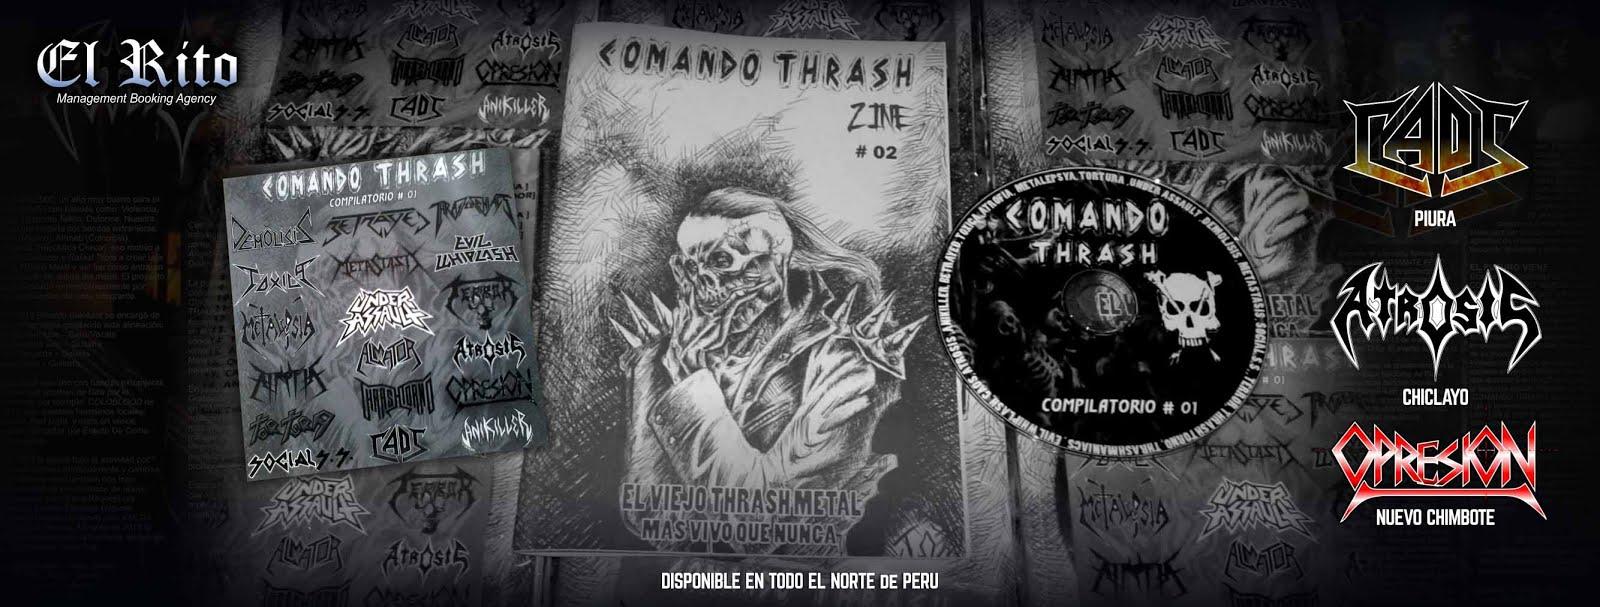 COMANDO THRASH ZINE 2